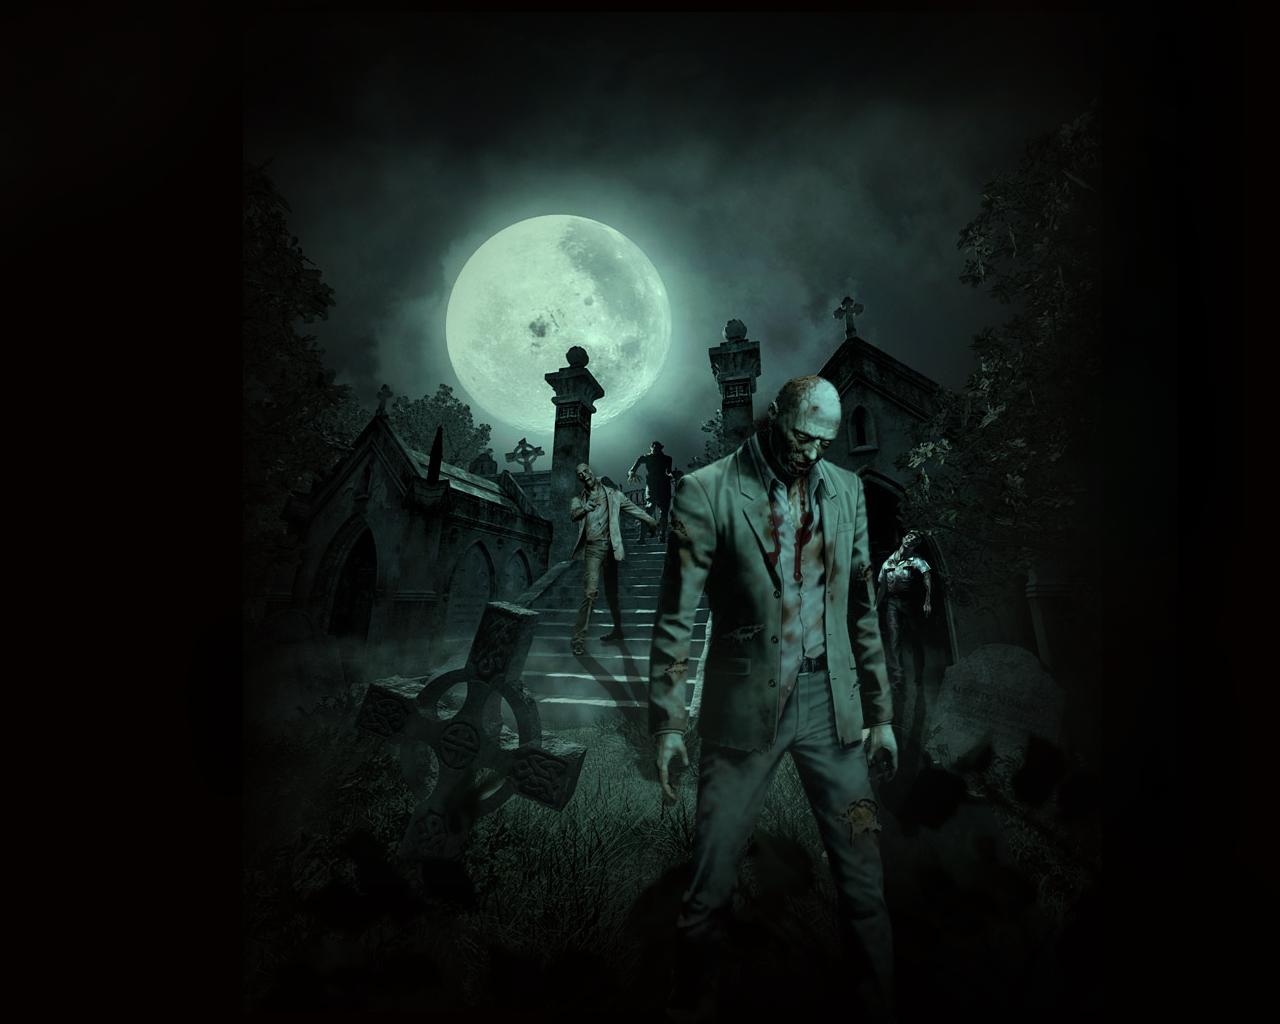 http://3.bp.blogspot.com/-JIVorH_sIyc/T8I4liNg2TI/AAAAAAAAAv0/tDMuXRjZgDY/s1600/zombie_wallpaper1.png